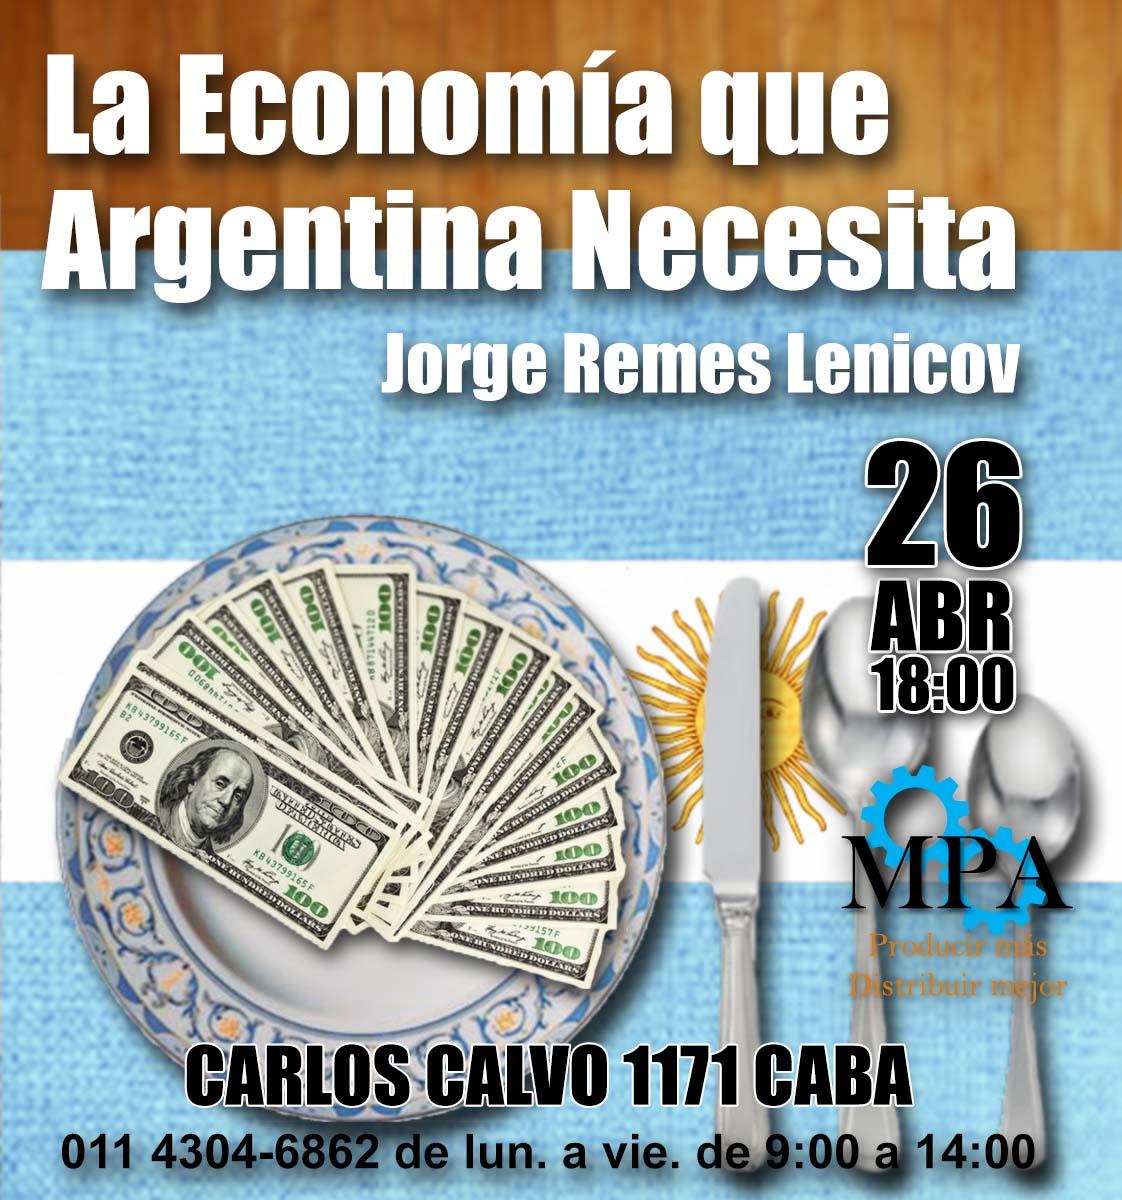 La Economía que Argentina Necesita